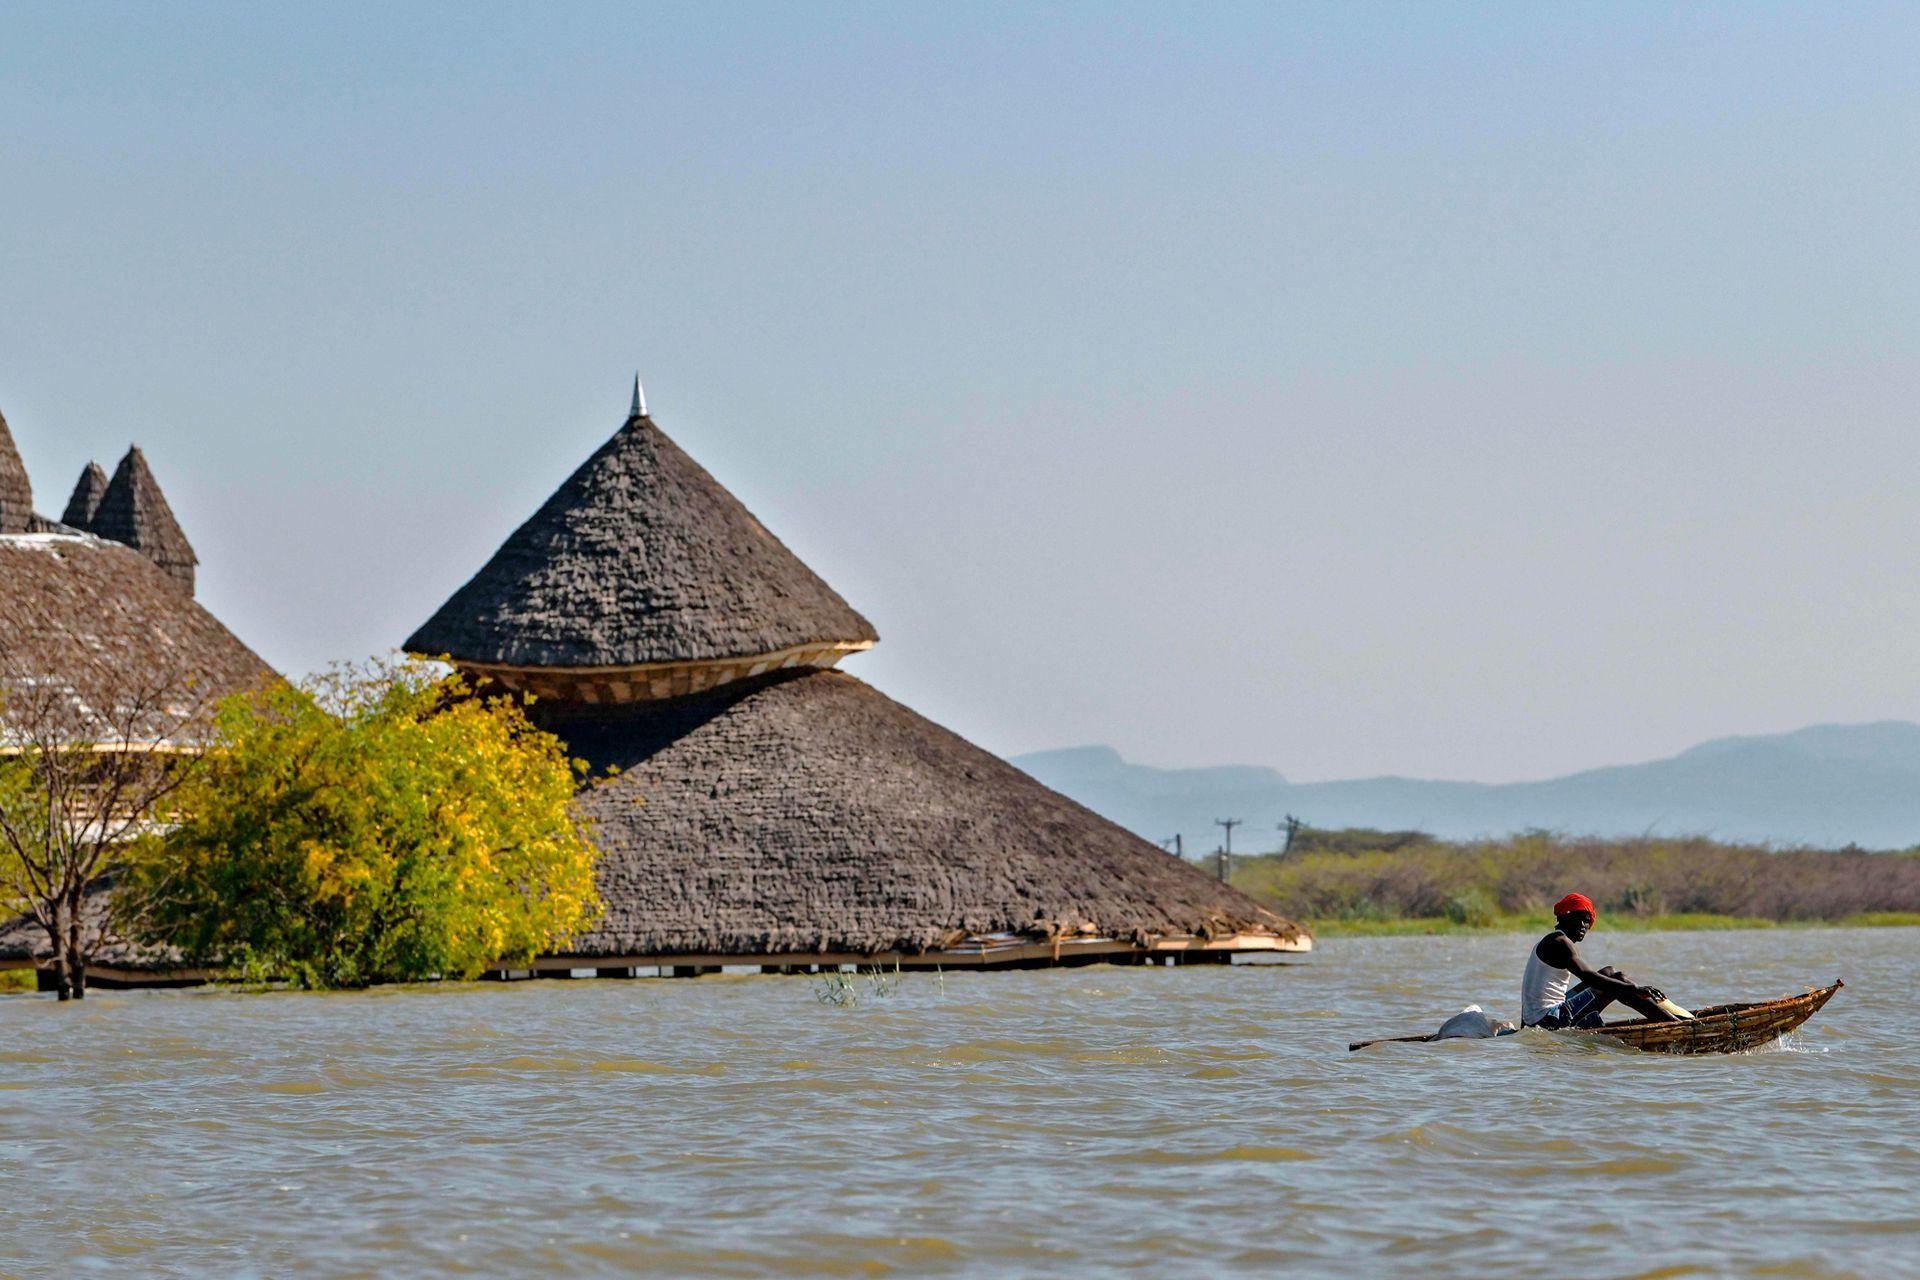 Baringo ha crecido más de 70 km2 desde 2011, un fenómeno que se ha acelerado considerablemente este año, dejando bajo el agua todo lo que encontró en su camino